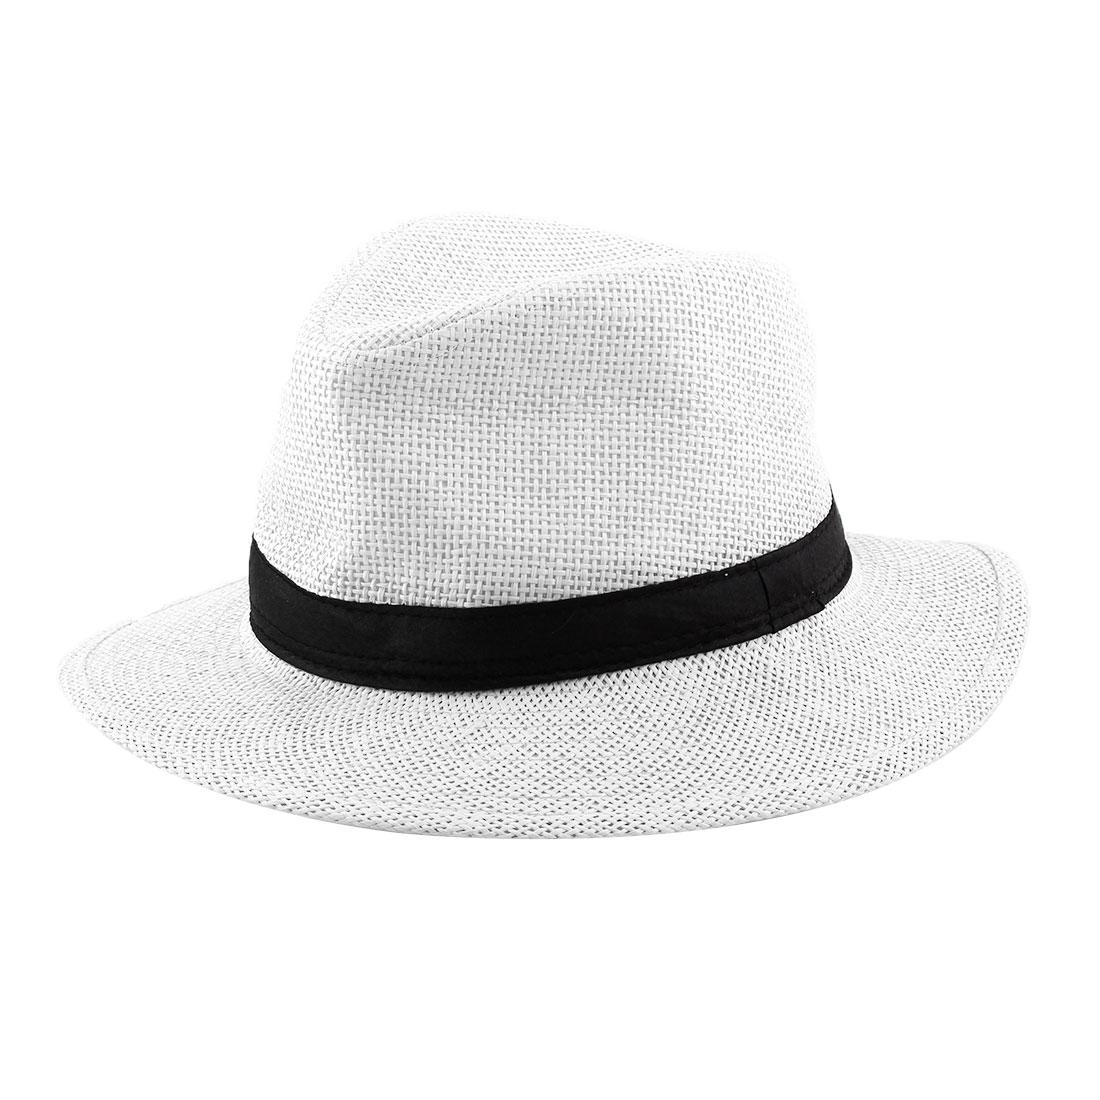 Men Summer Straw Braided Wide Brim Western Style Beach Sunhat Cowboy Hat White